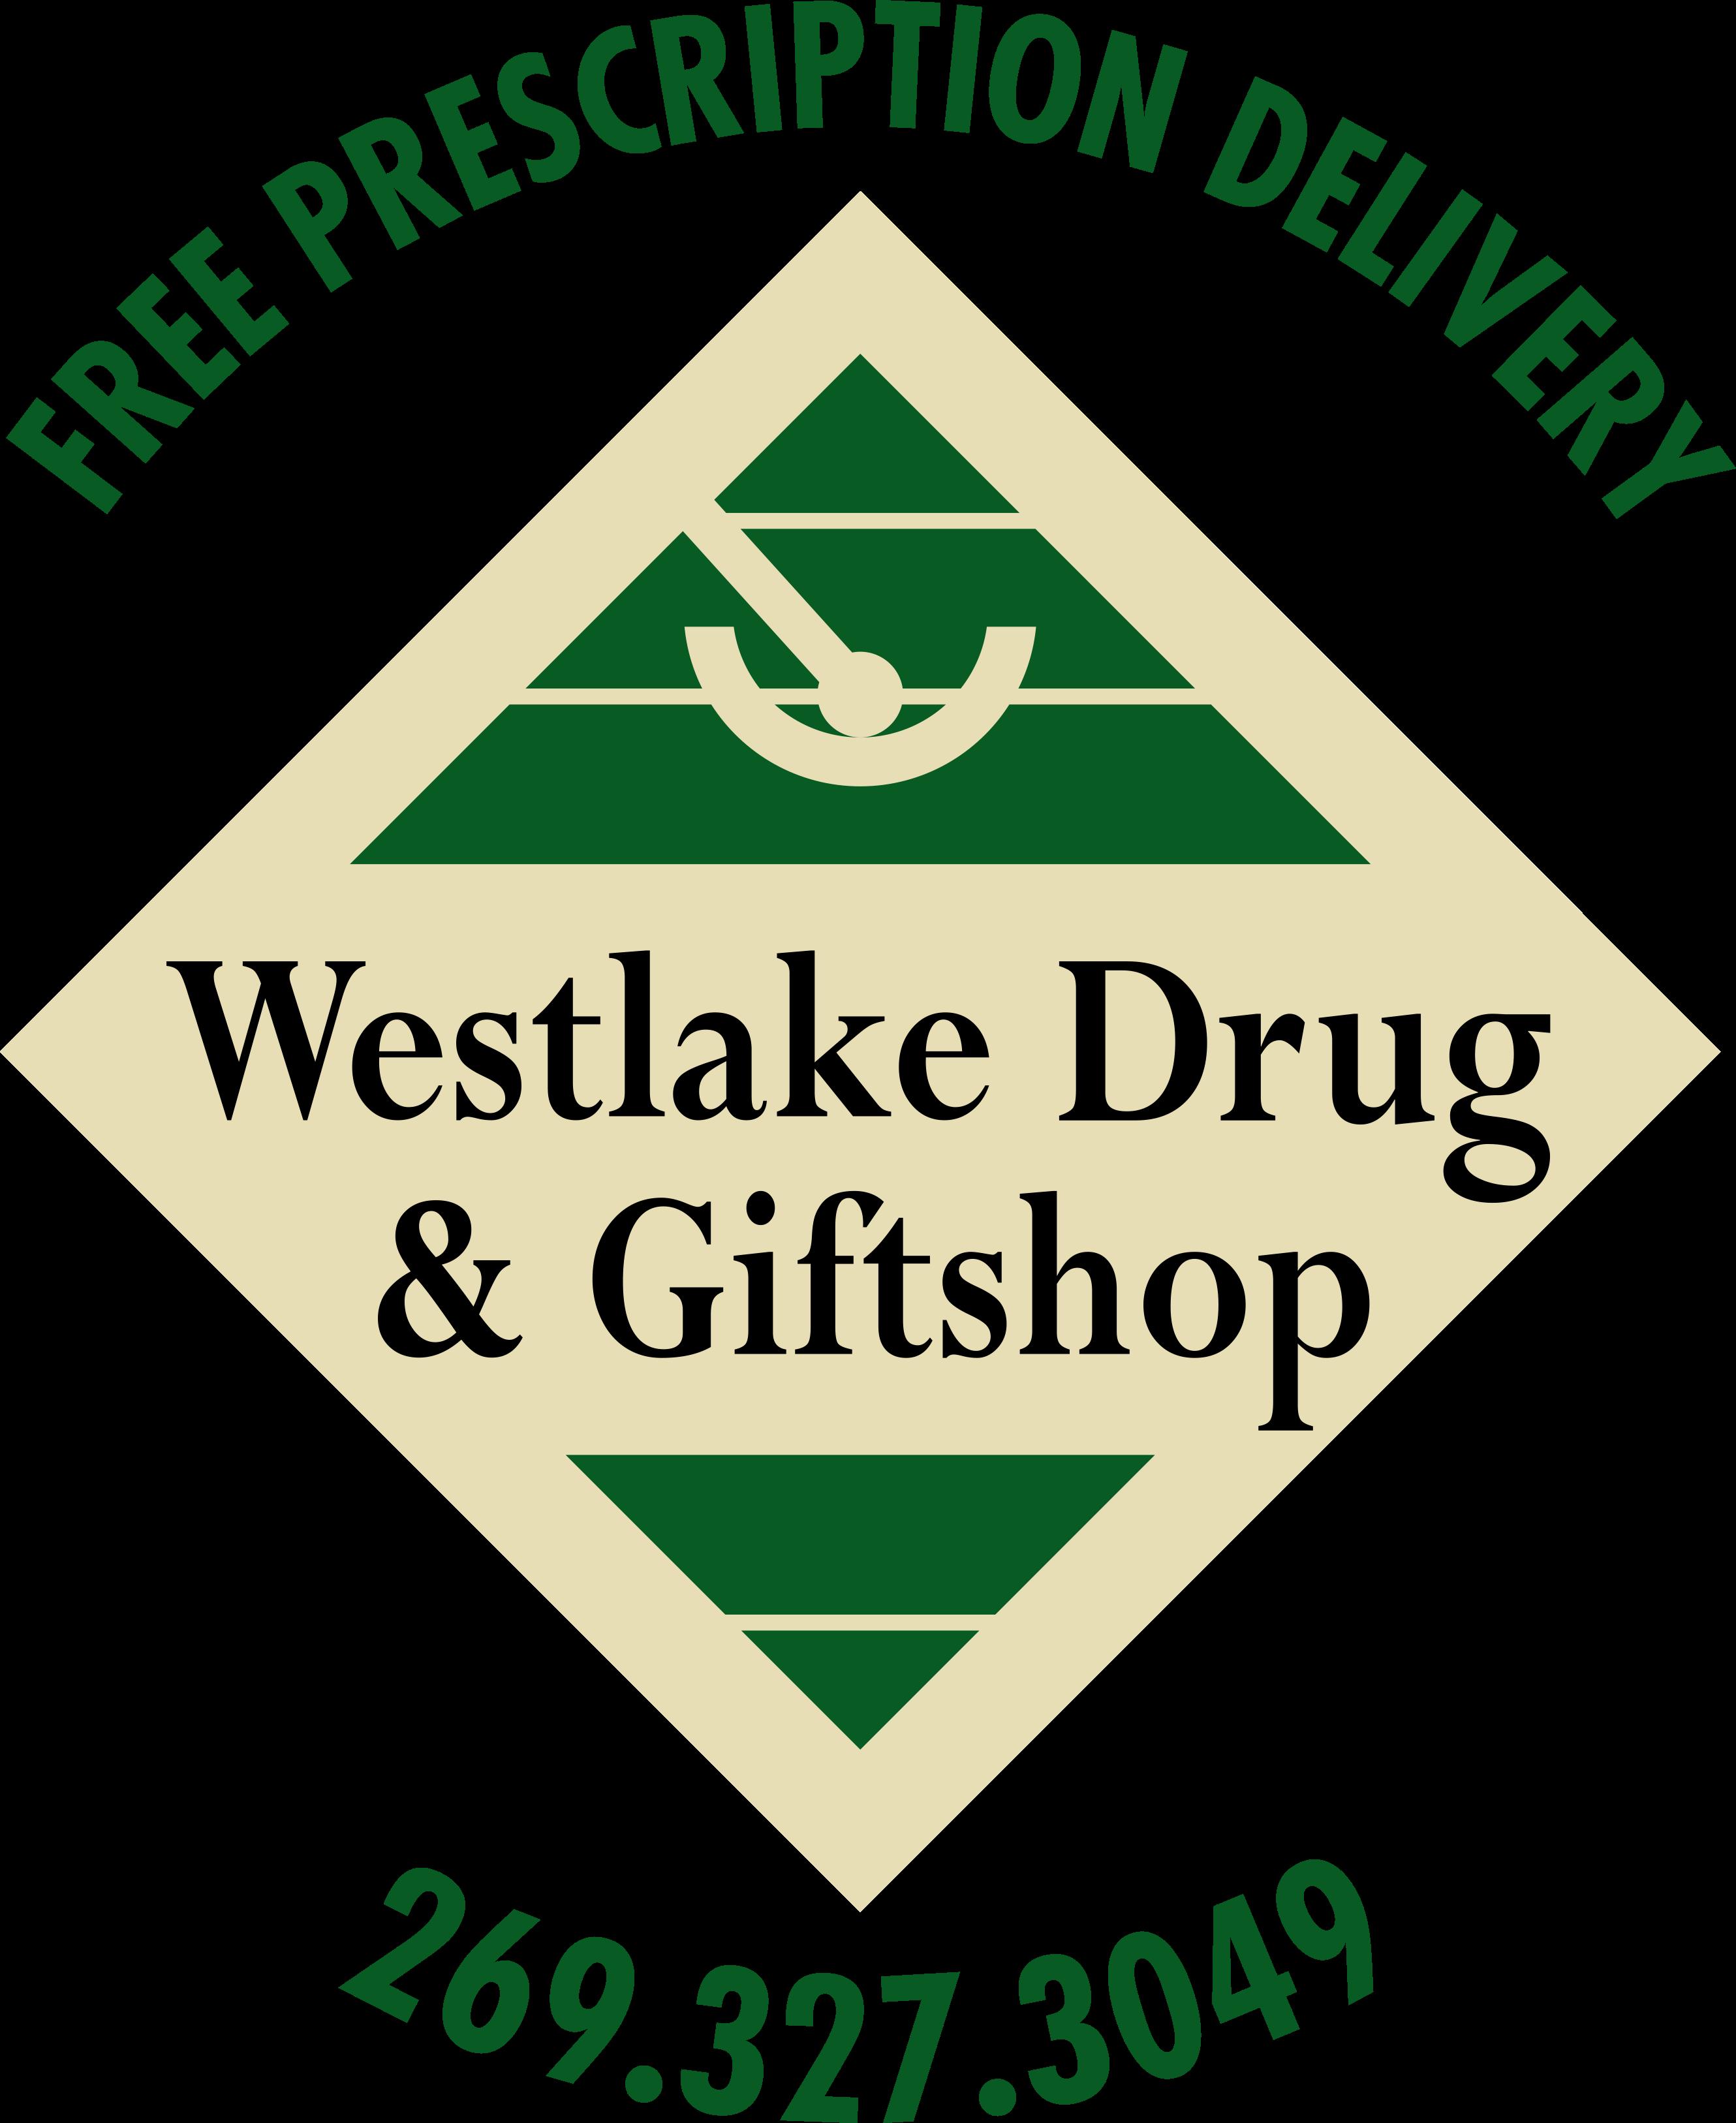 RI - Westlake Drug